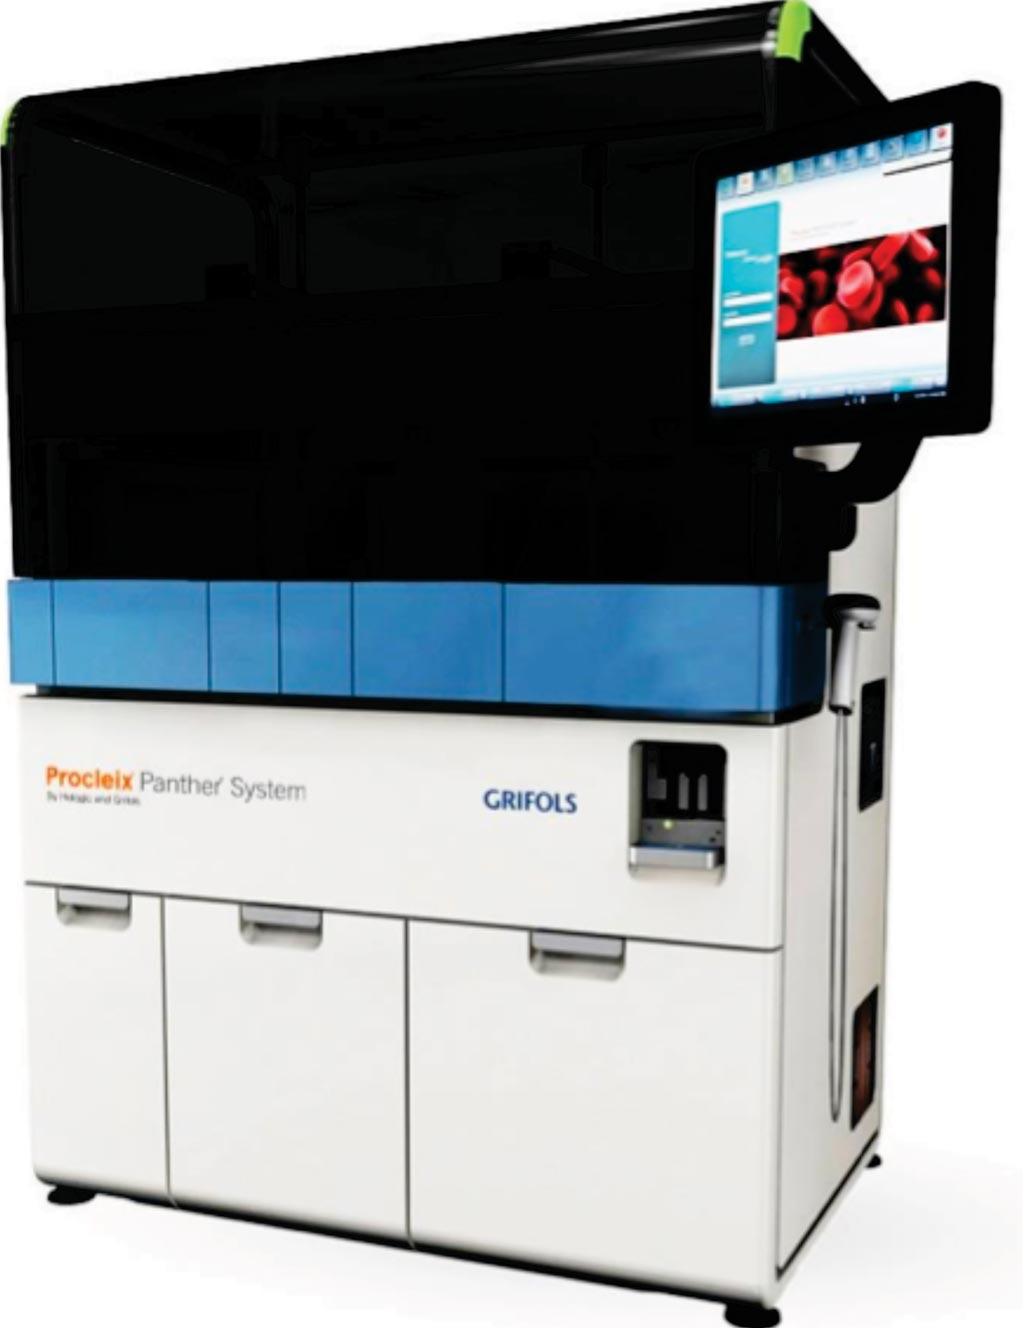 Procleix Panther, полностью интегрированная и автоматизированная система обработки нуклеиновых кислот для скрининга крови и плазмы (фото любезно предоставлено Grifols Diagnostics).